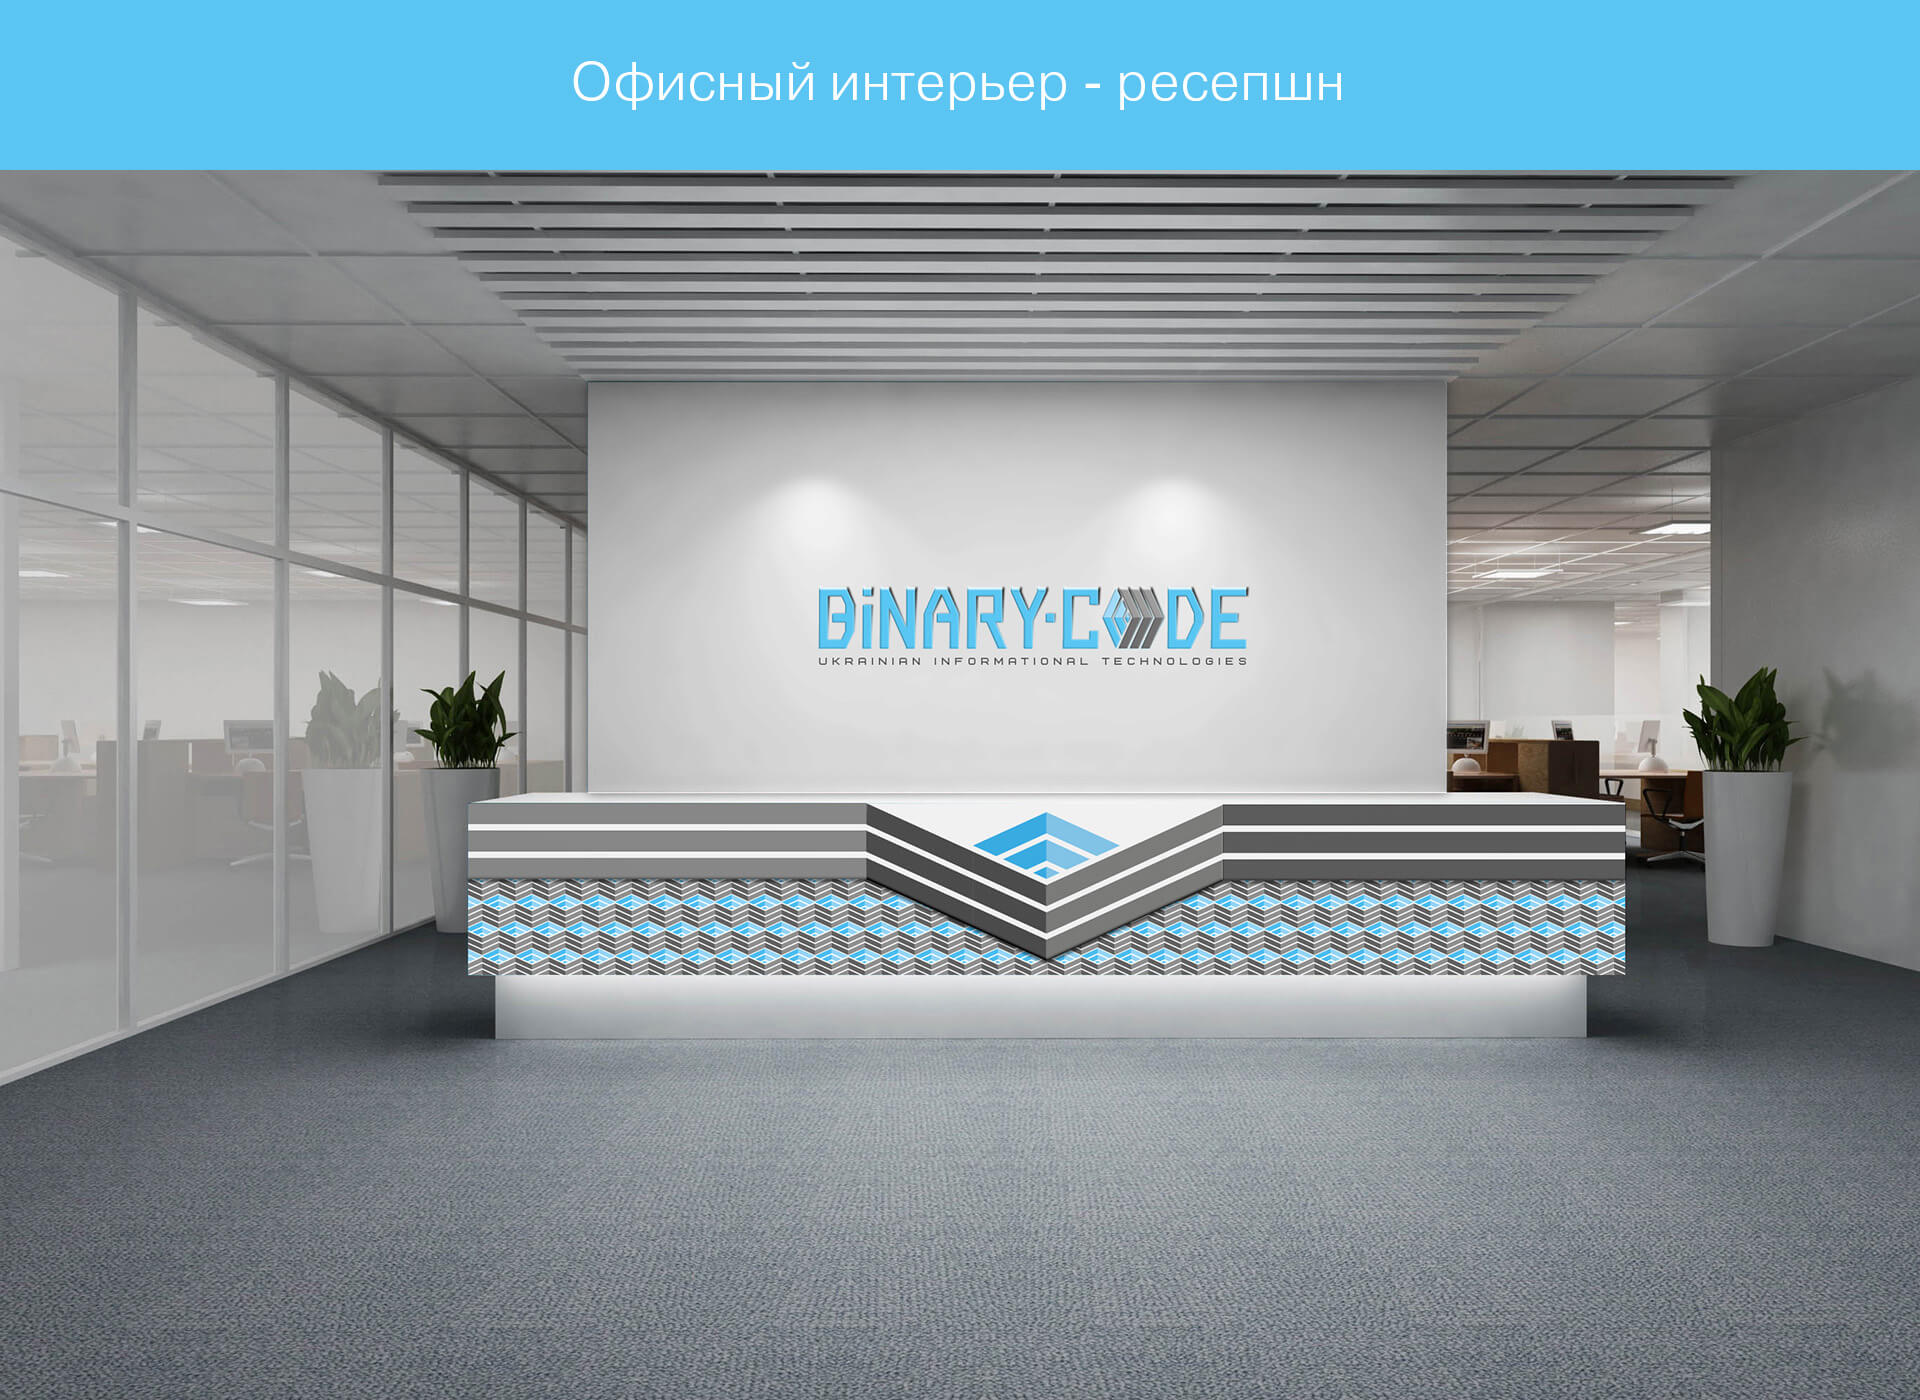 Prokochuk_Irina_BINARY-CODE_20_